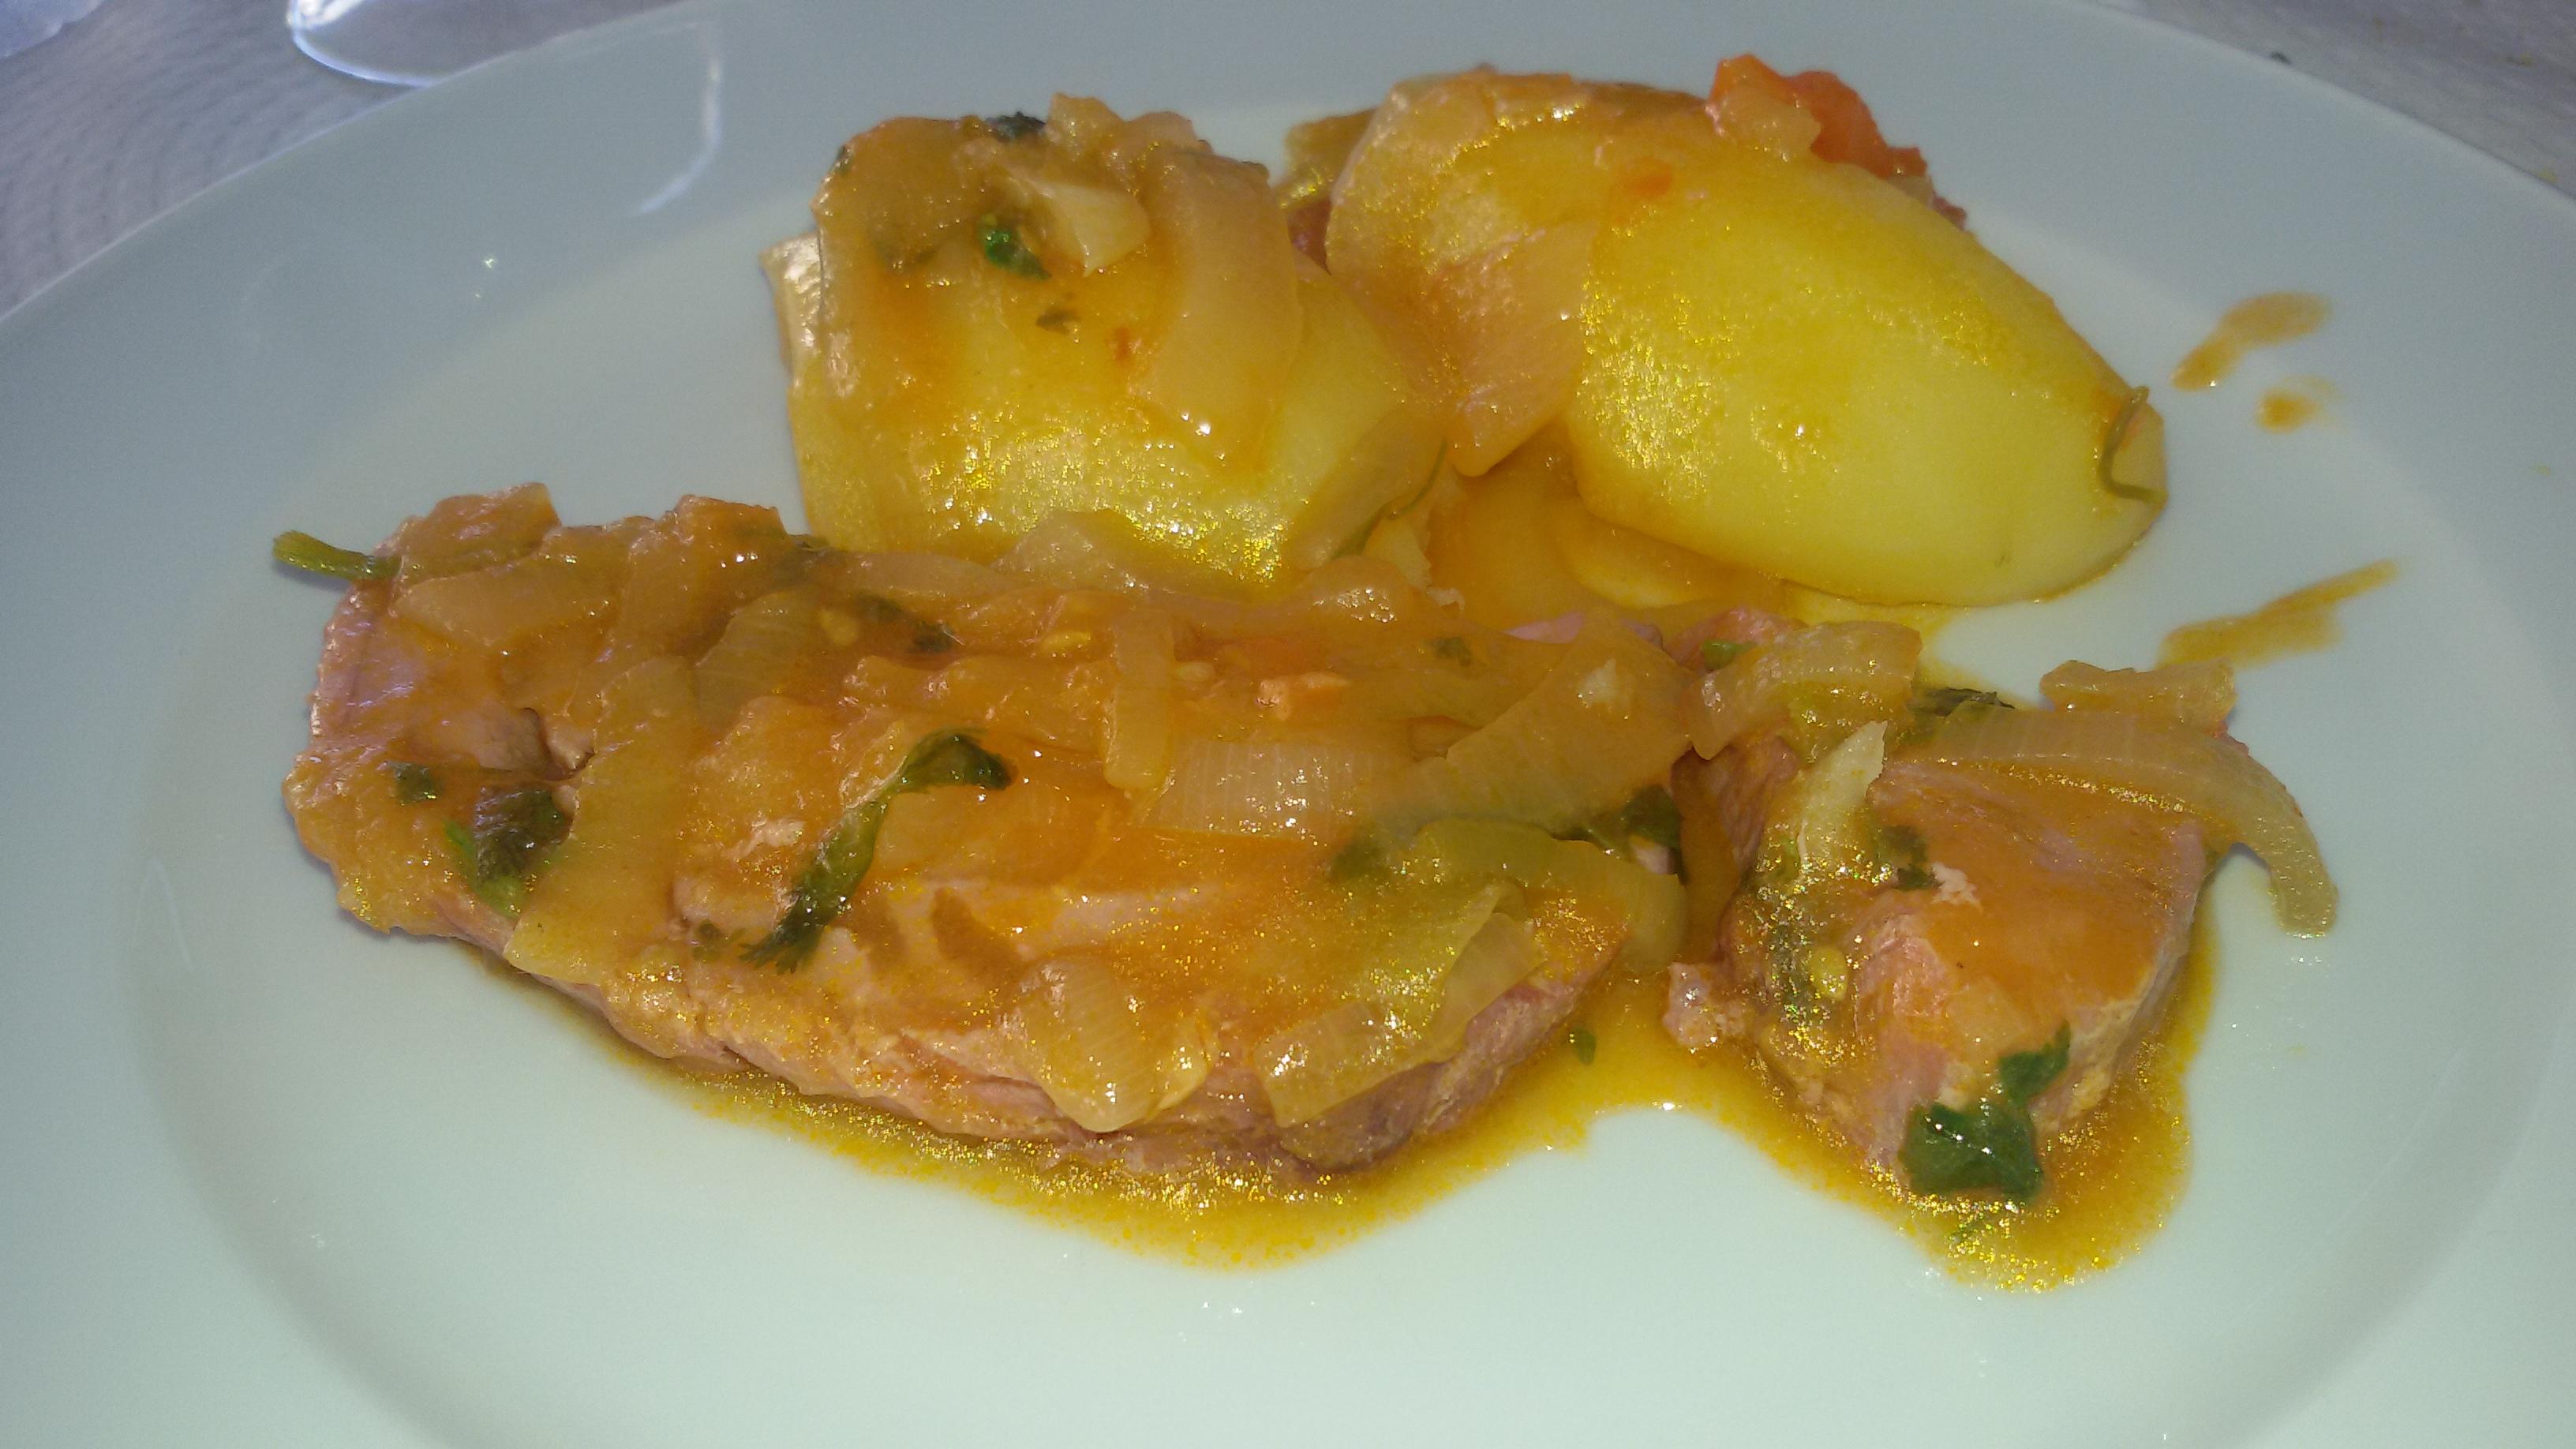 Steaks de thon et oignon cuisine portugaise for Cuisine portugaise